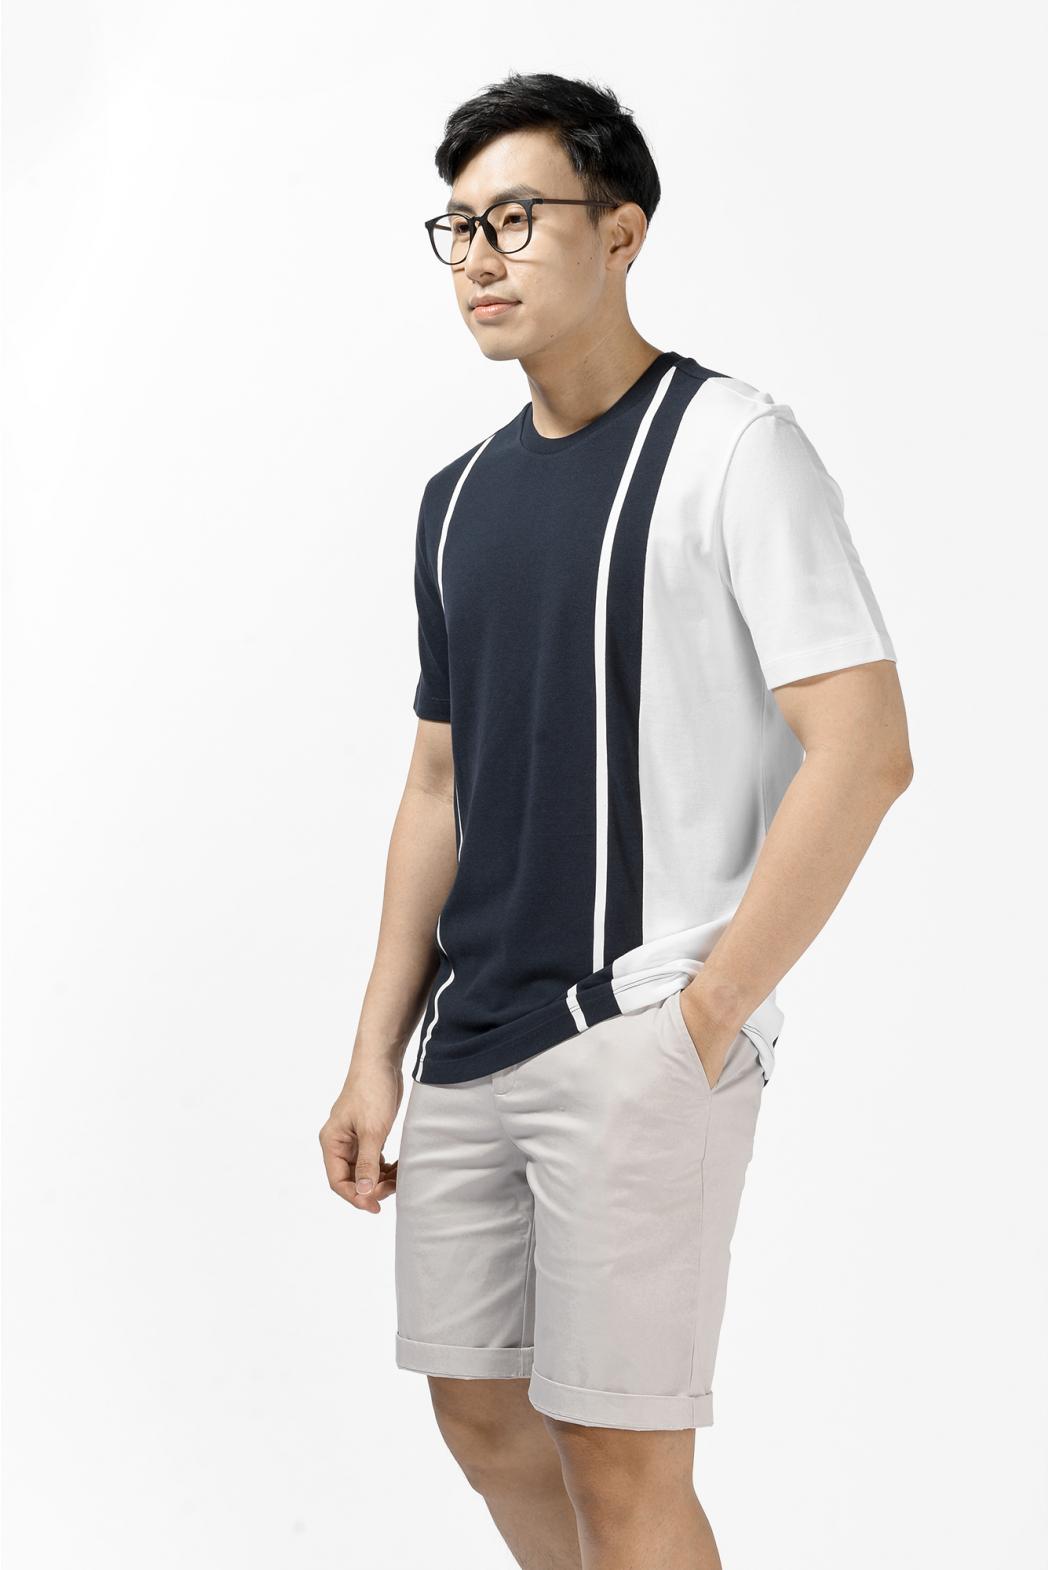 Áo thun tay ngắn phối rã in sọc. REGULAR form - 10S21TSH006